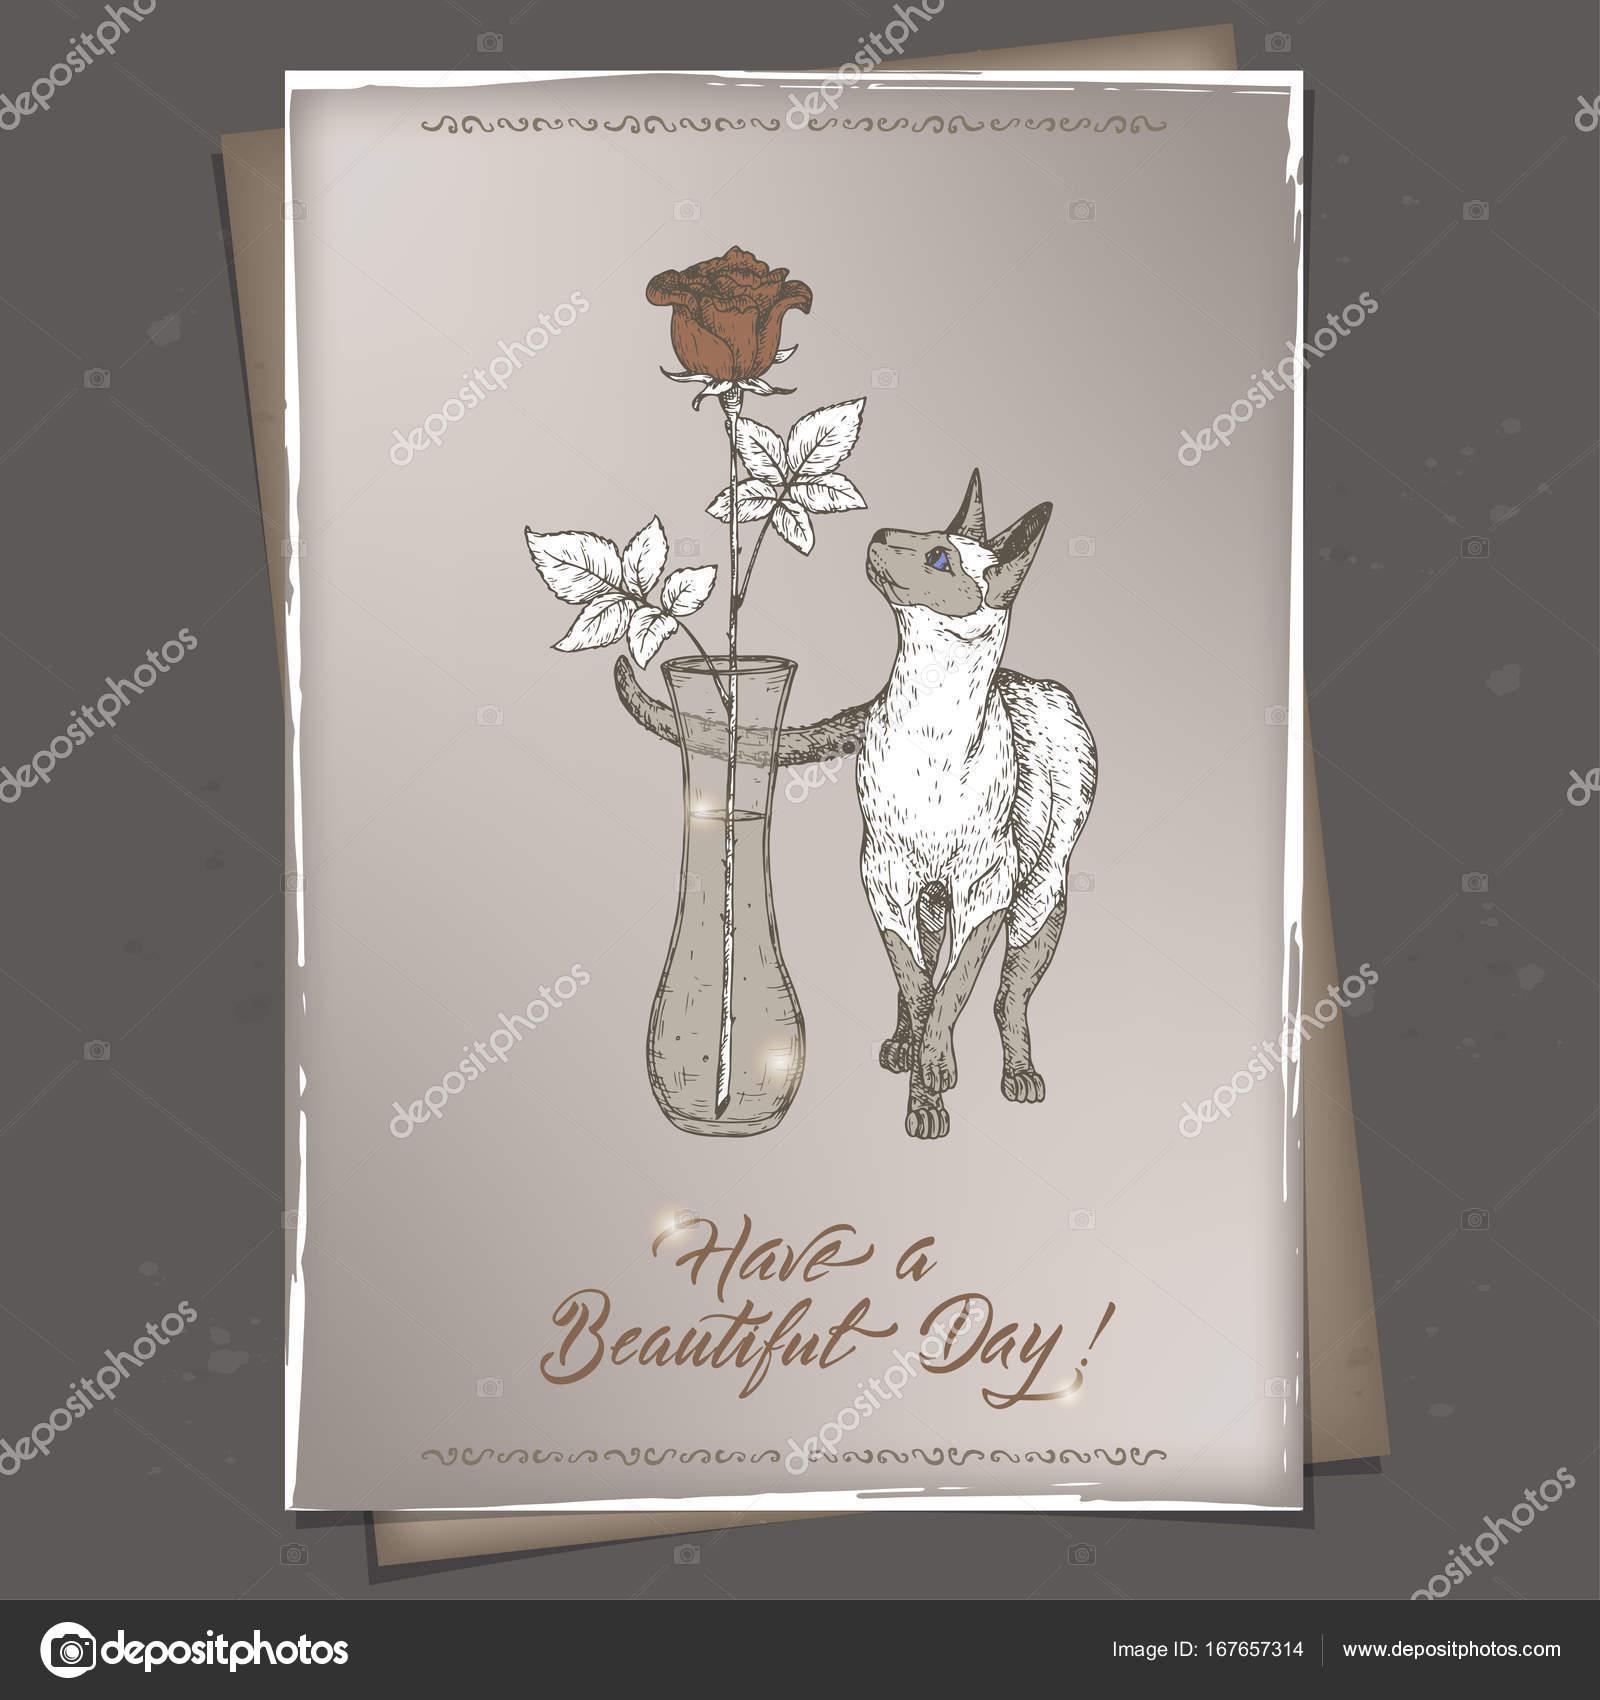 Plantilla de tarjeta de cumpleaños vintage romántica A4 formato con ...